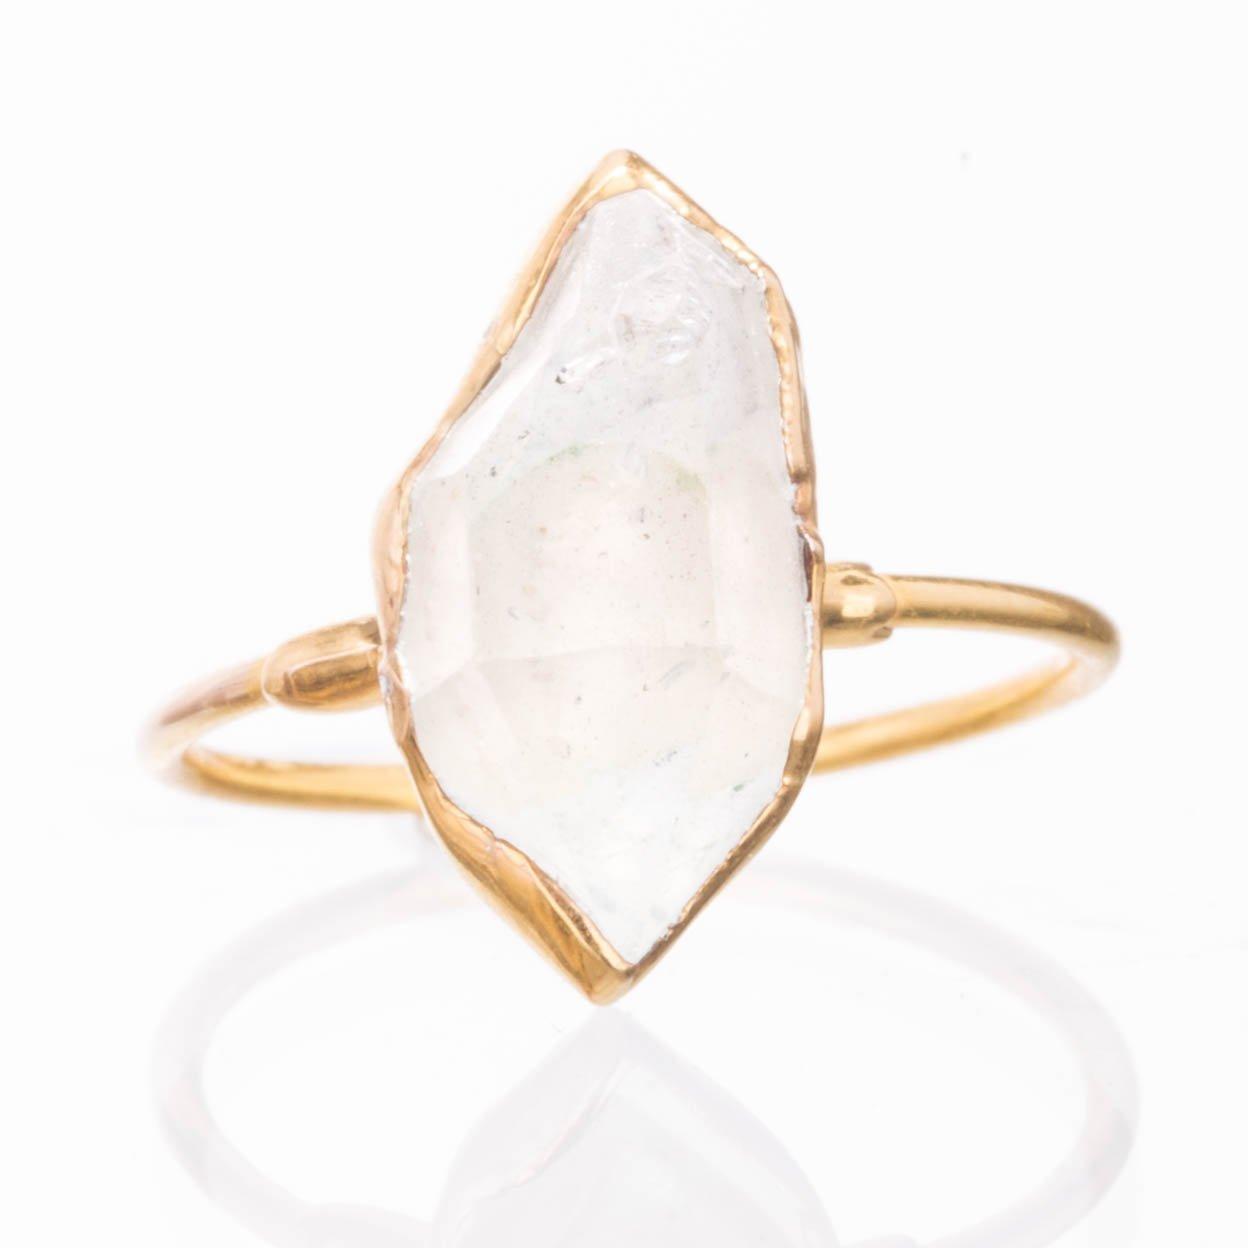 Raw Herkimer Diamond Ring, Yellow Gold, Size 7, Statement Boho Style Jewelry